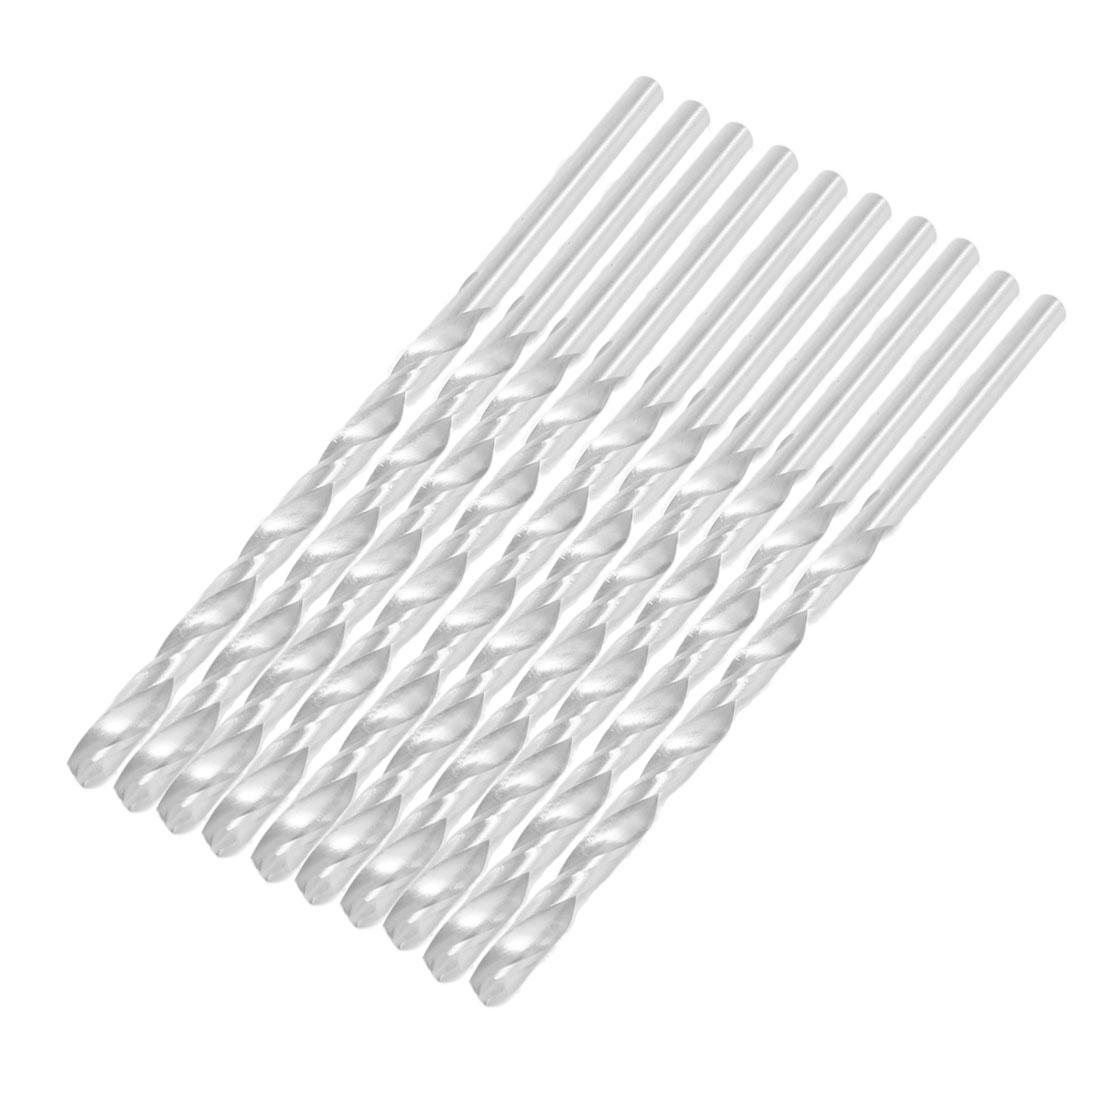 4.5mm x 125mm Metal Marble Drilling High Speed Steel Spiral Drill Bits 10 Pcs